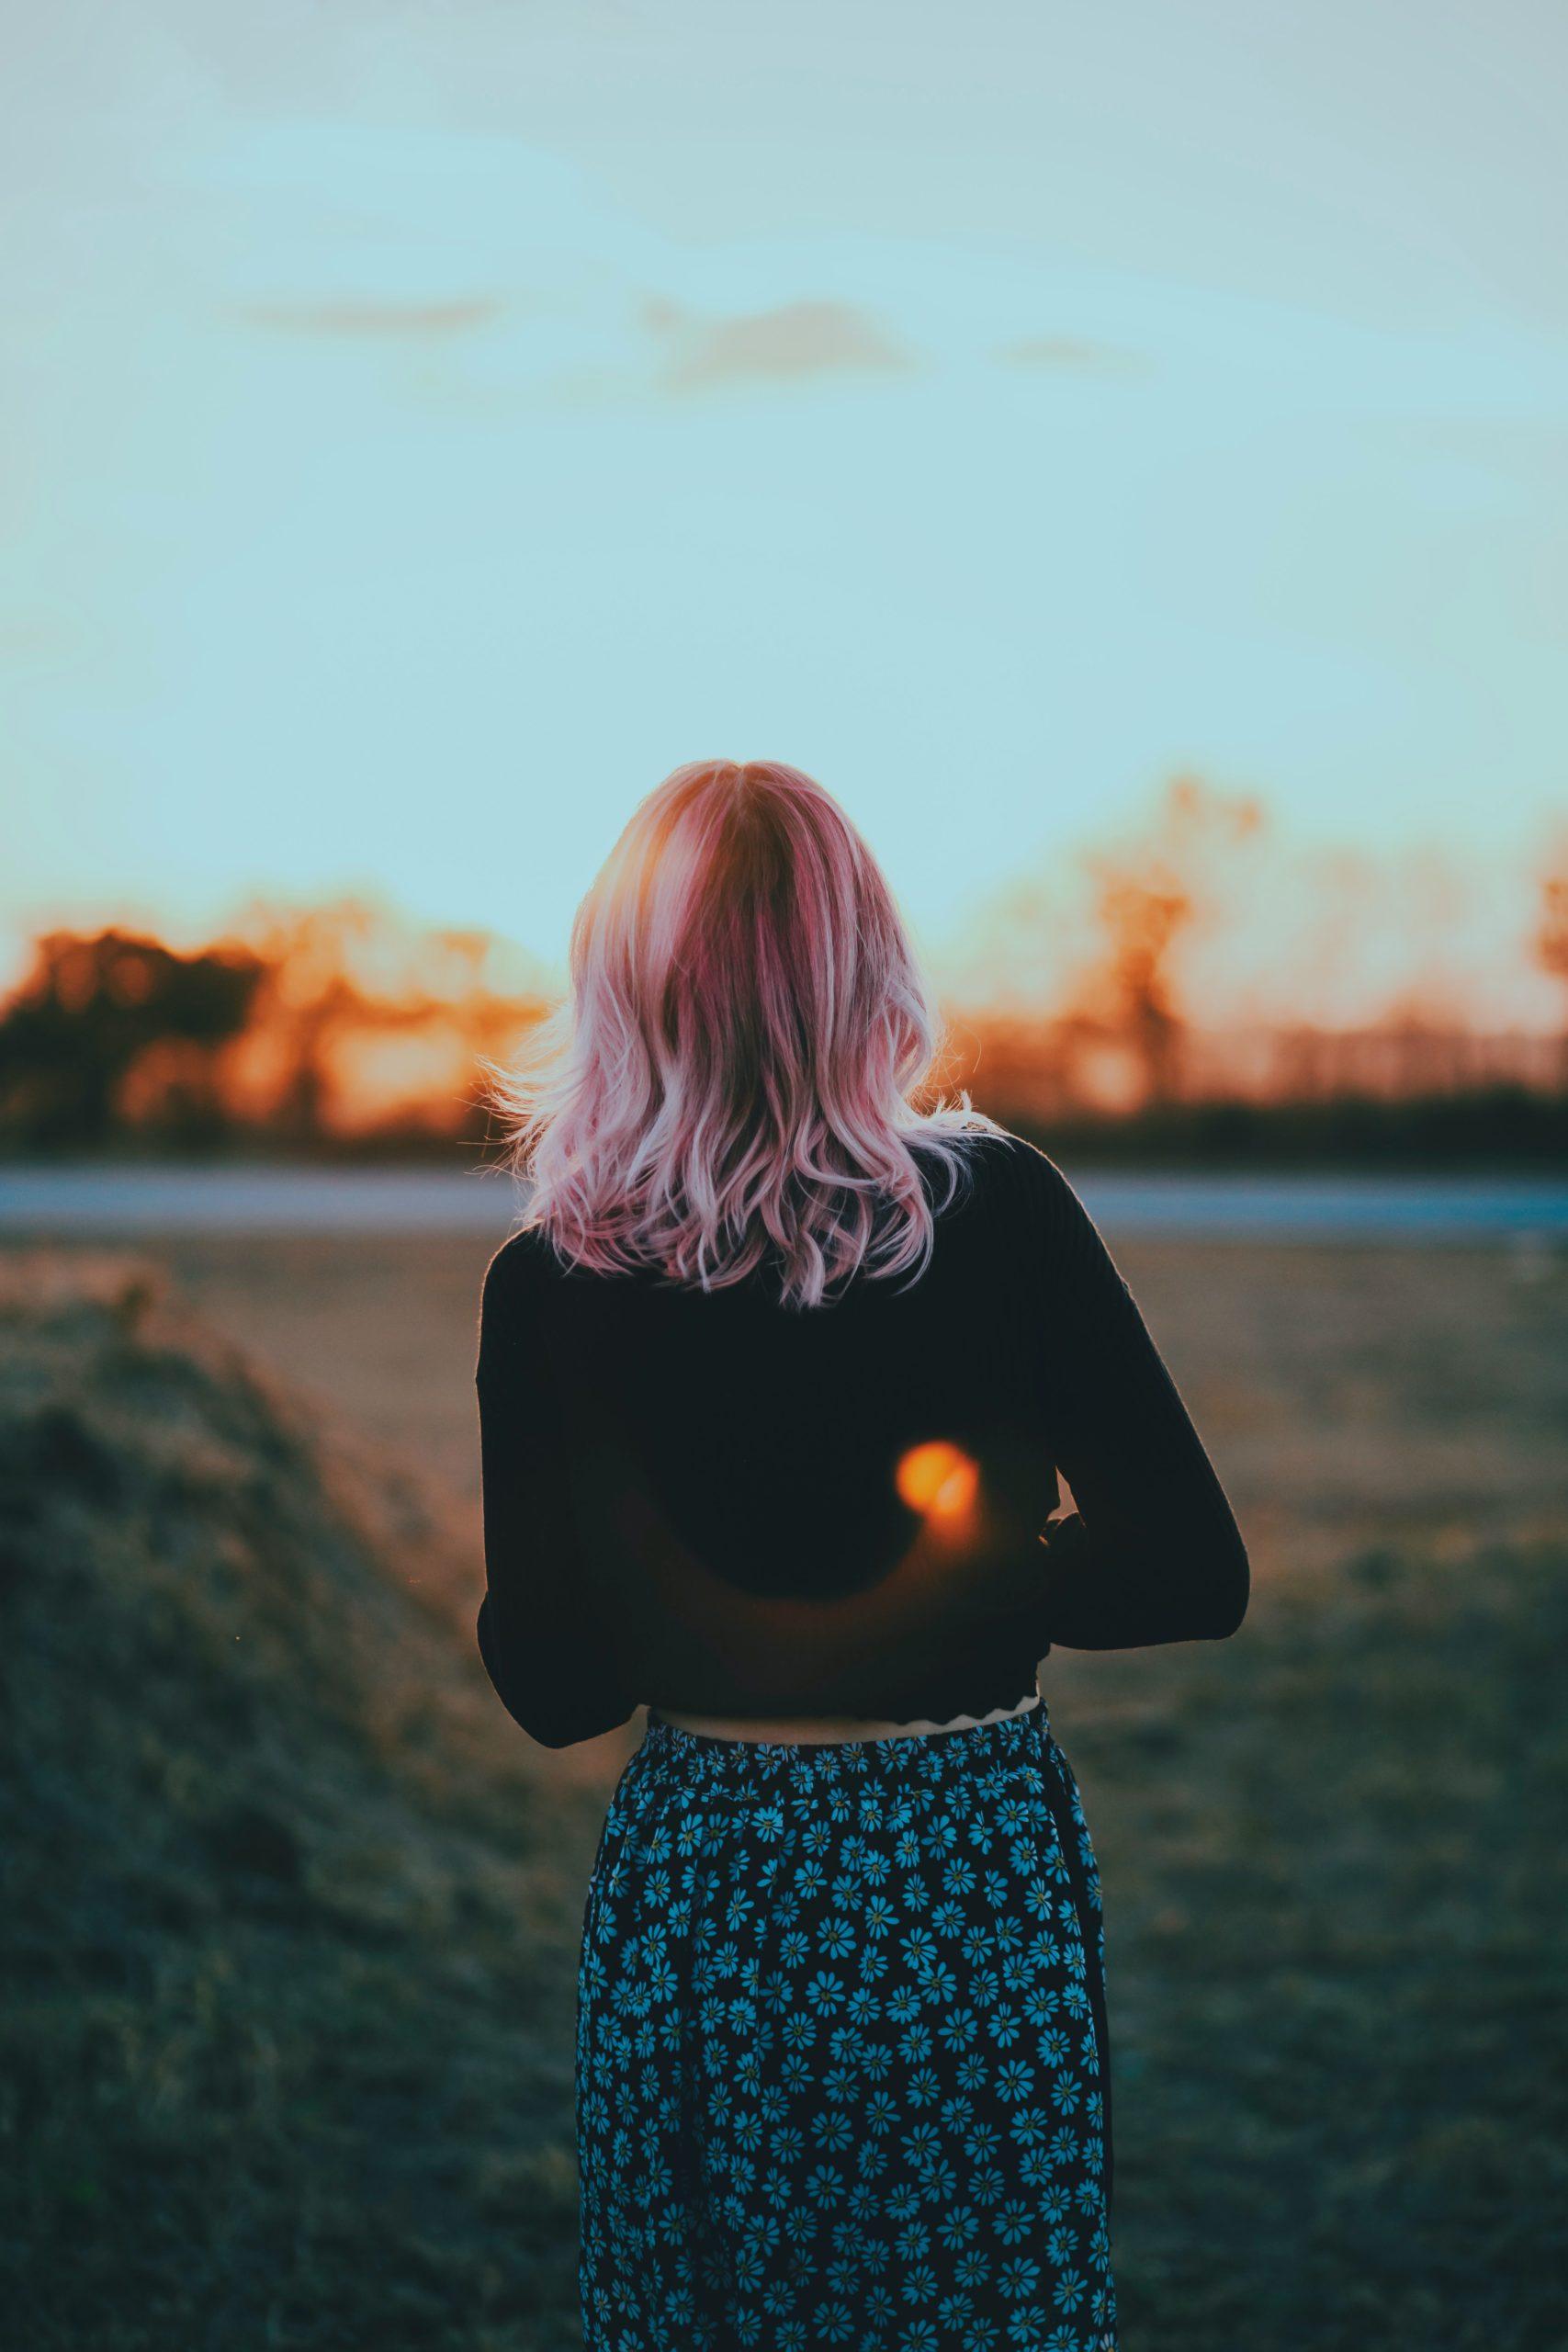 Go Get Inspired: roze haar